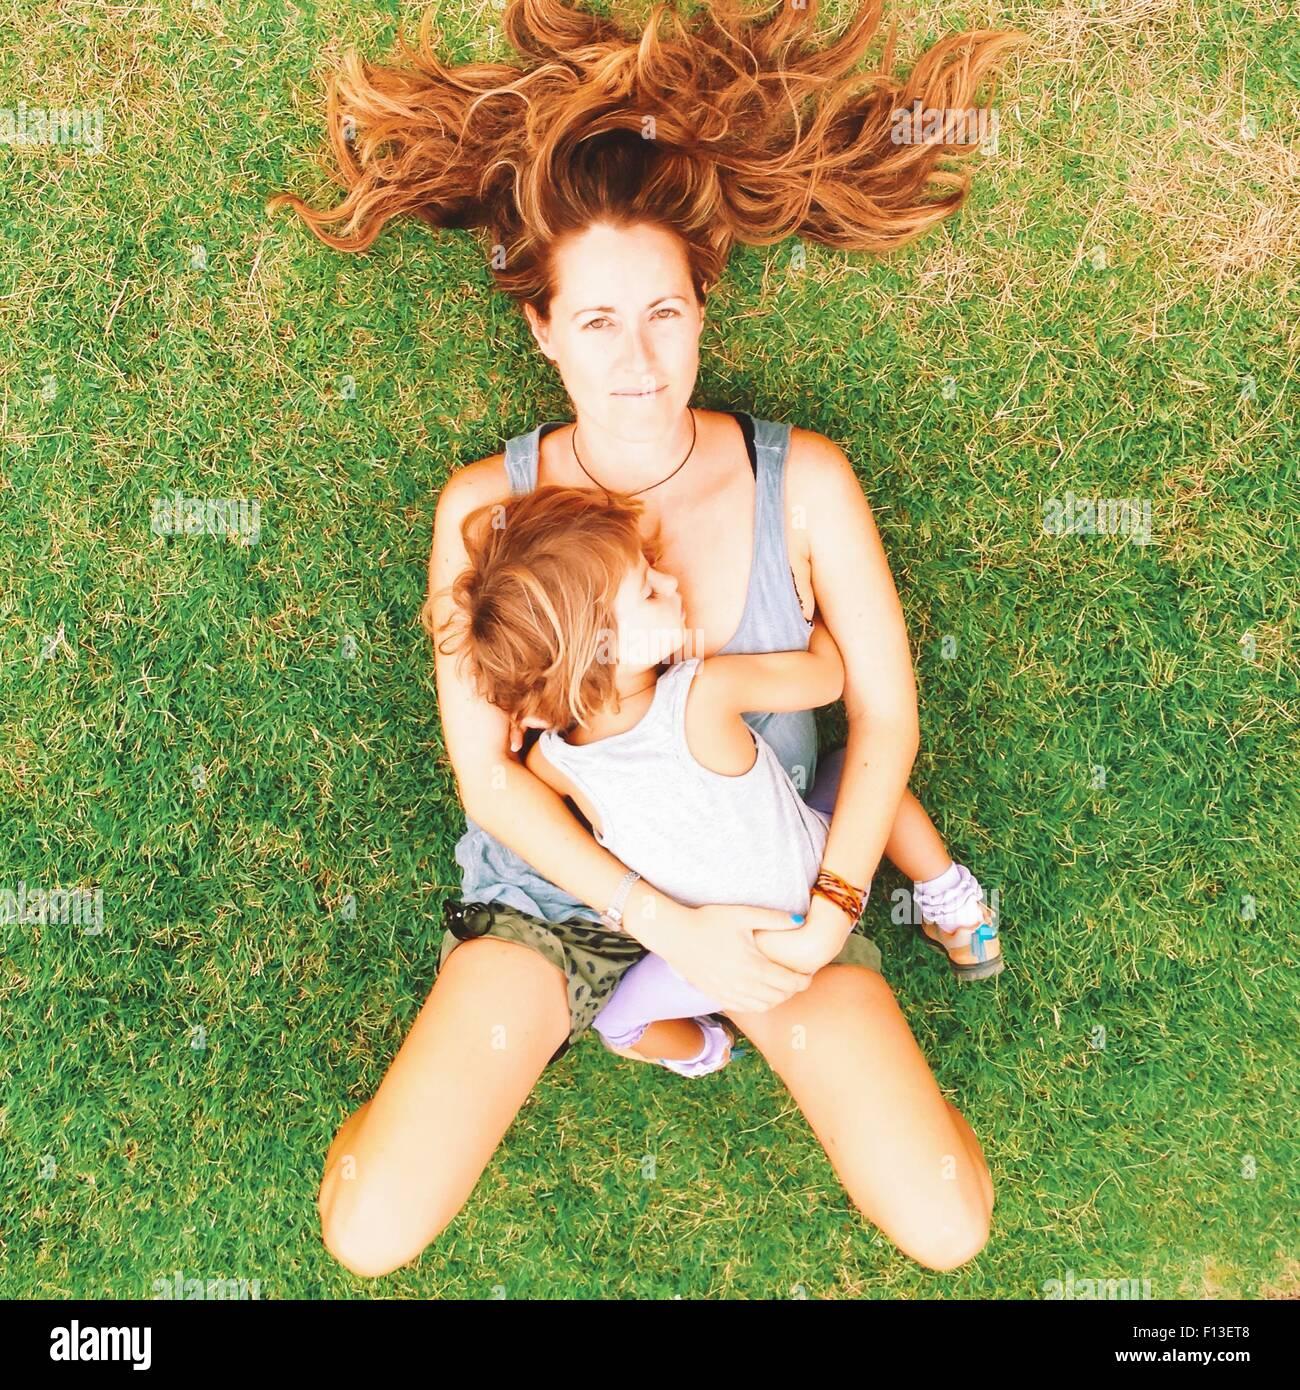 Vista aerea di una donna sdraiata su erba con sua figlia Immagini Stock